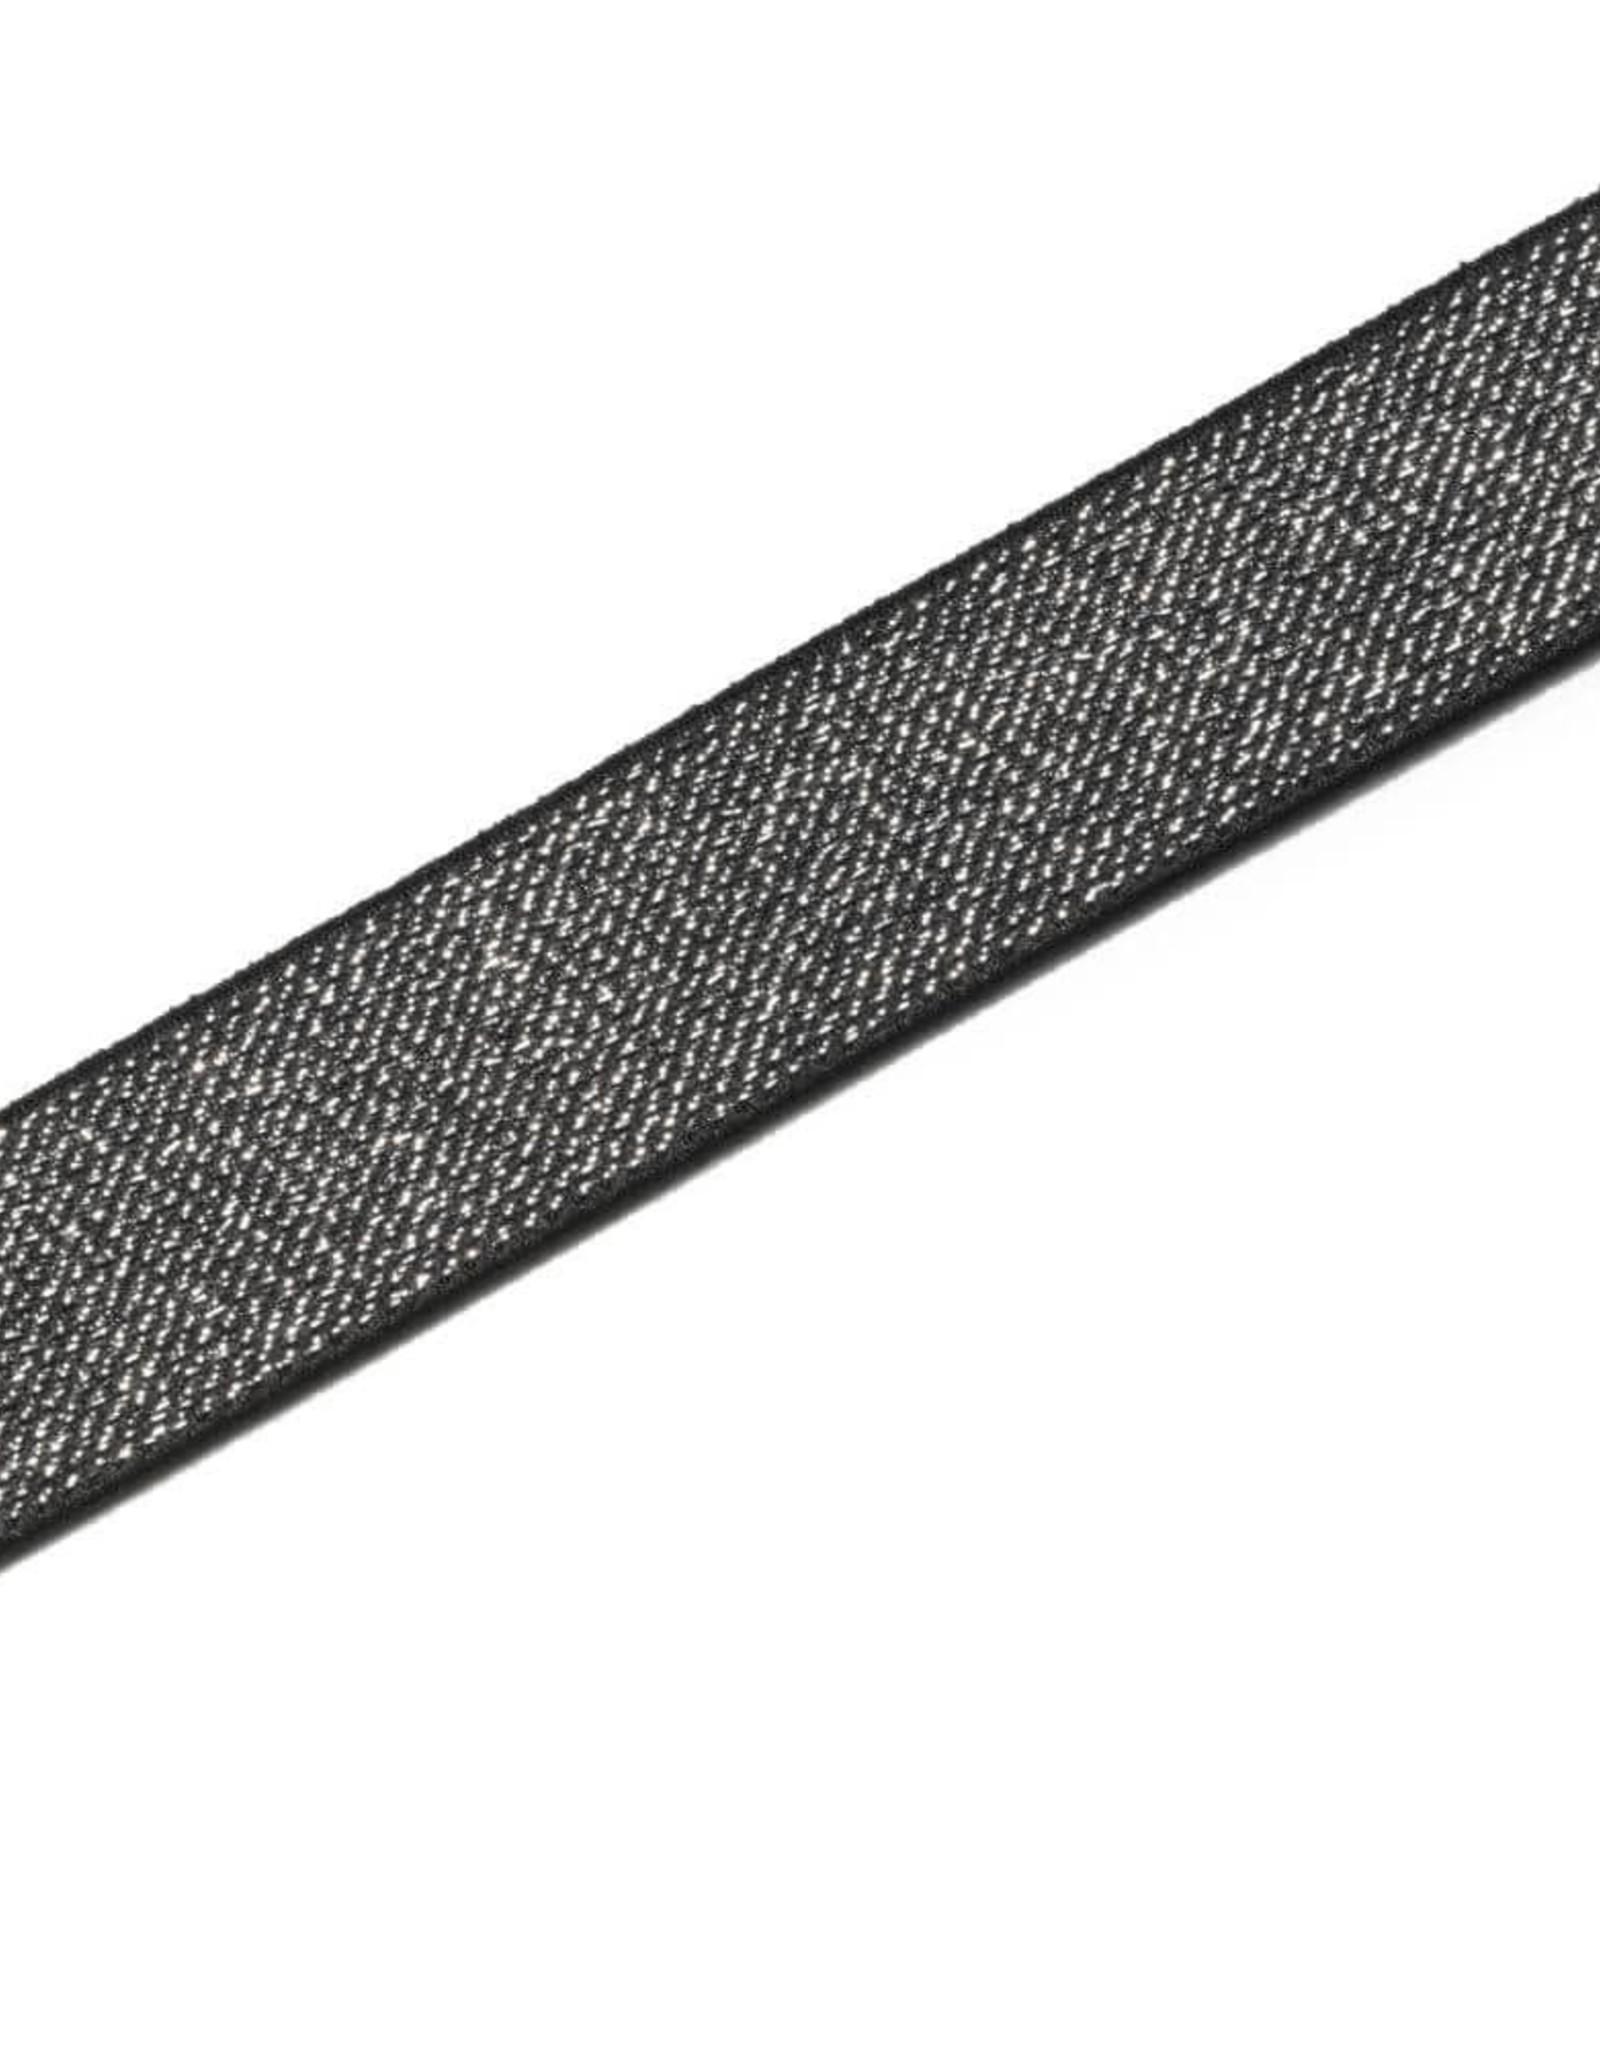 Prym Prym ELASTIEK COLOR ZWART-ZILVER 25mm